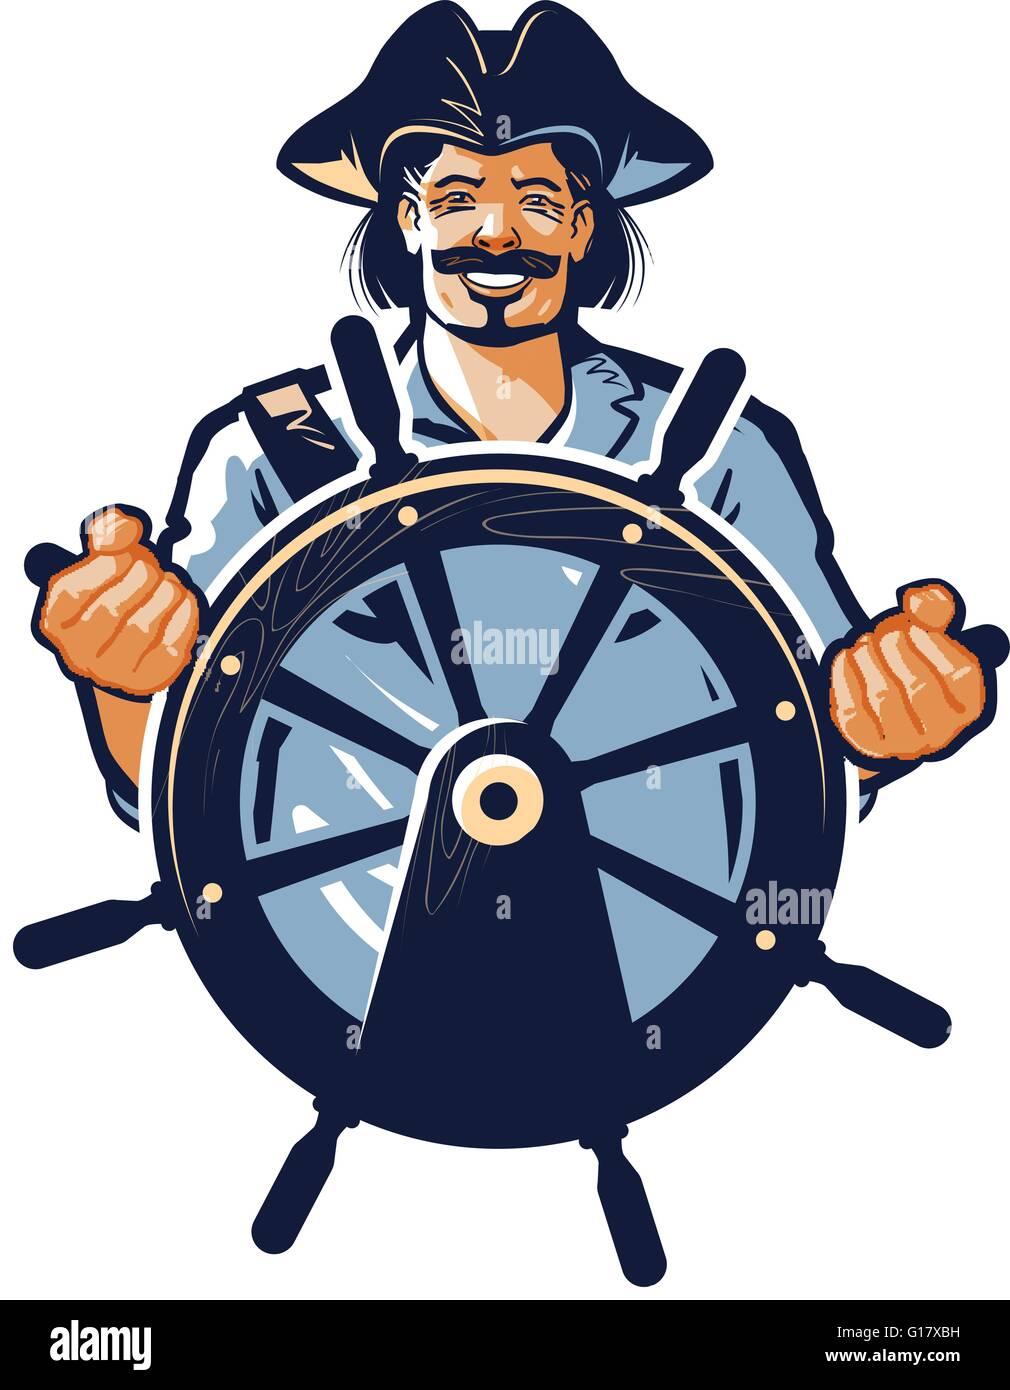 Caricature Logo Design